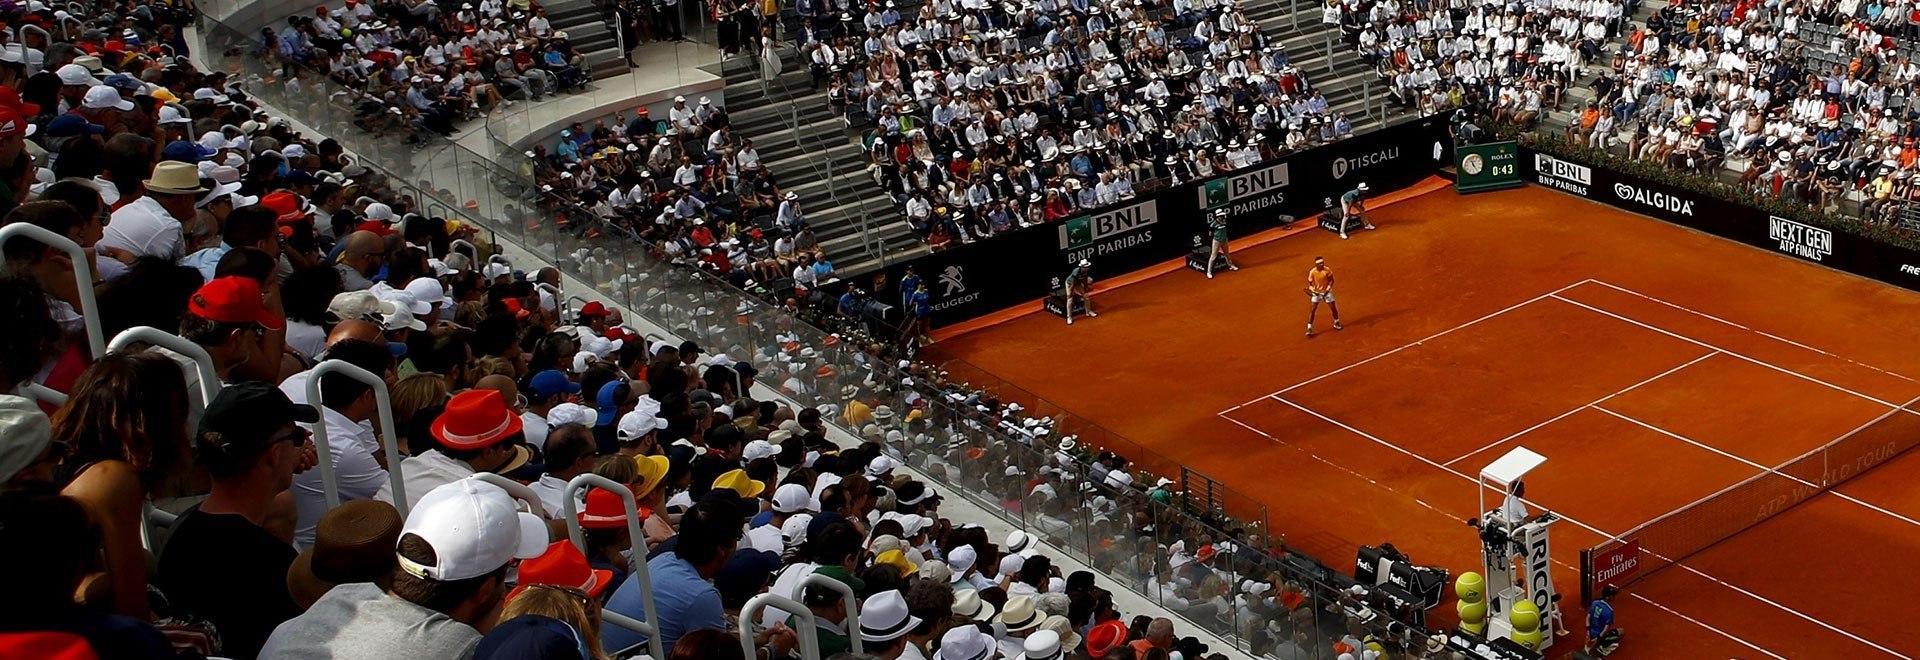 ATP Roma 2005